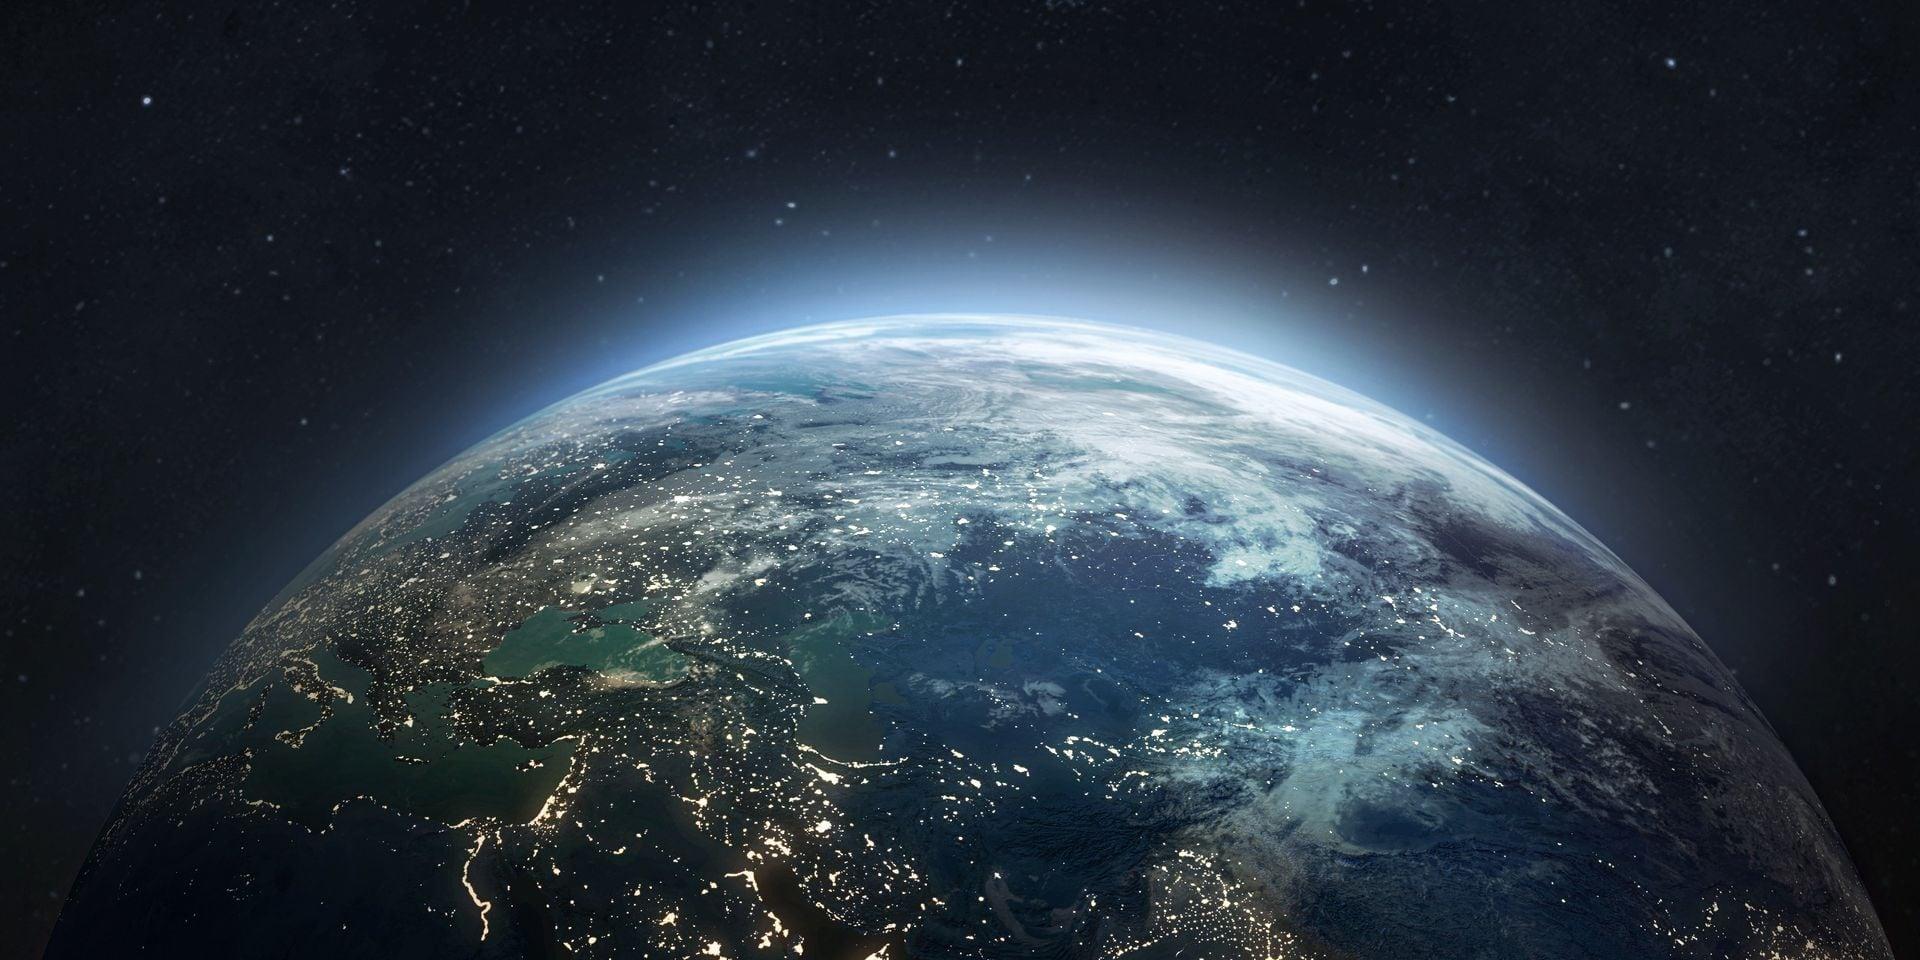 Le premier hôtel dans l'espace est prévu pour 2027: à quoi pourrait-il ressembler? (PHOTOS)